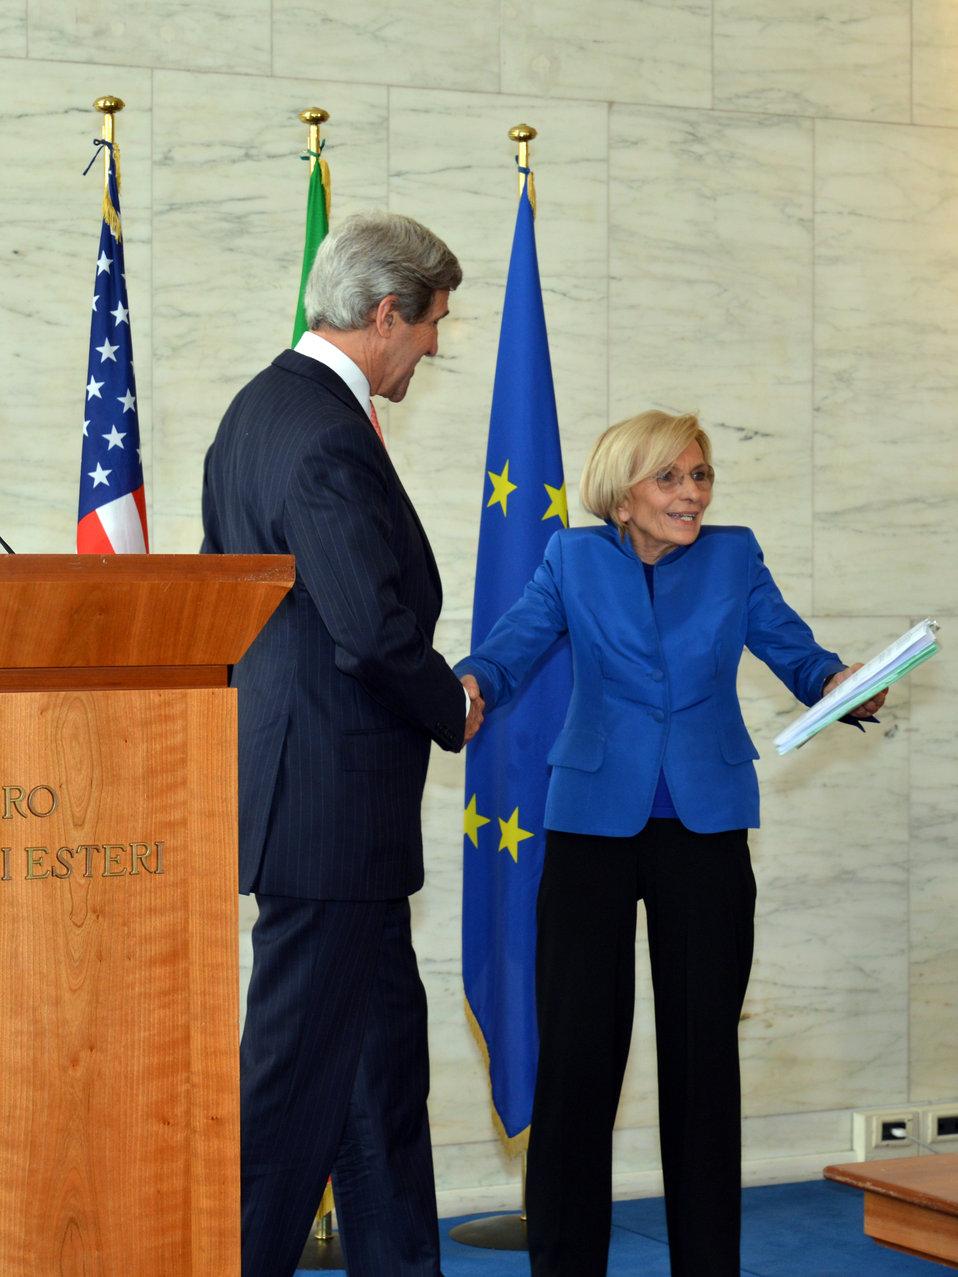 Secretary Kerry and Italian Foreign Minister Bonino Shake Hands